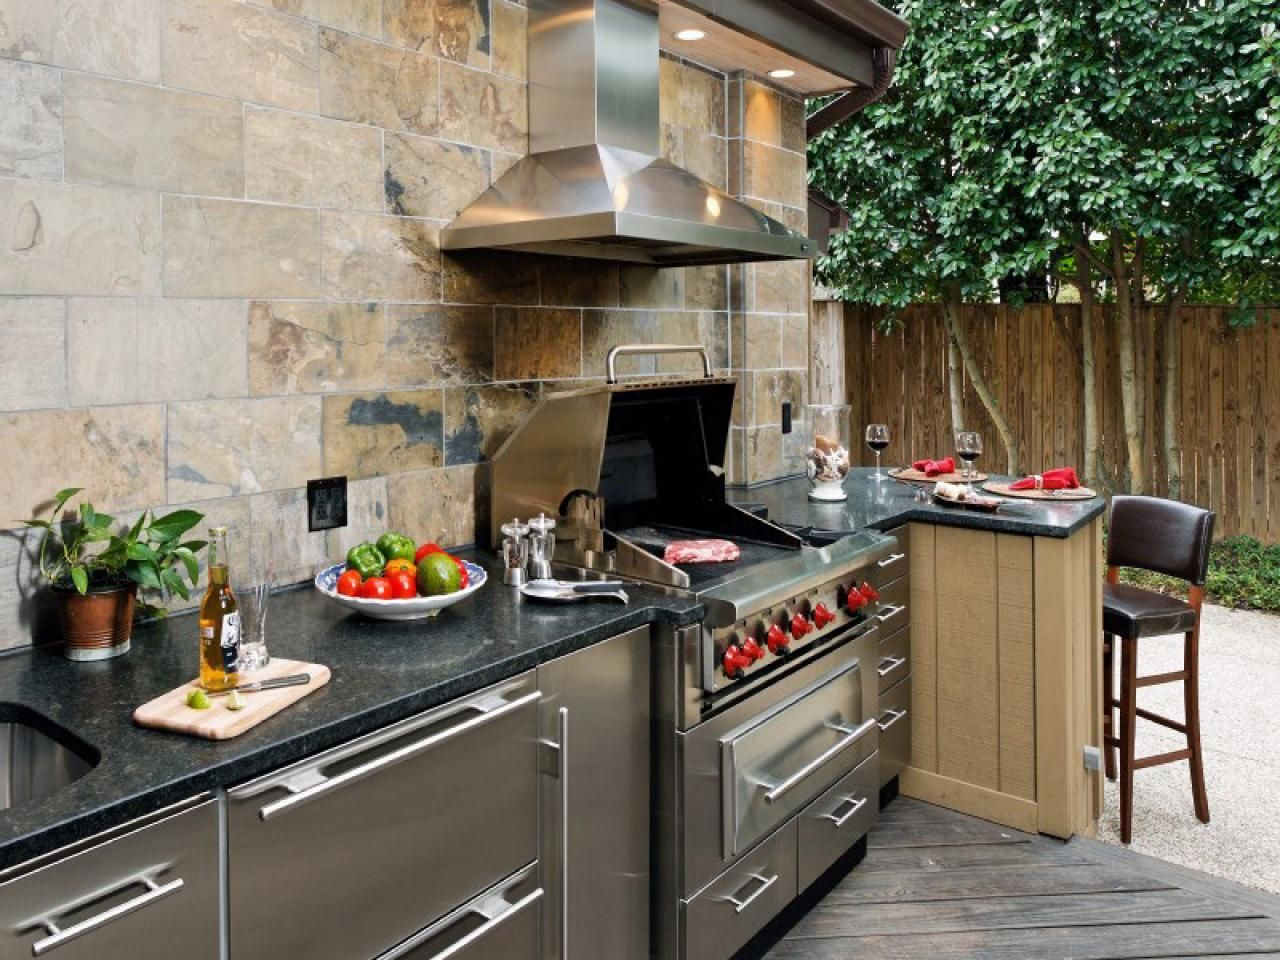 Outdoor kitchen trends diy network outdoor cooking and garden